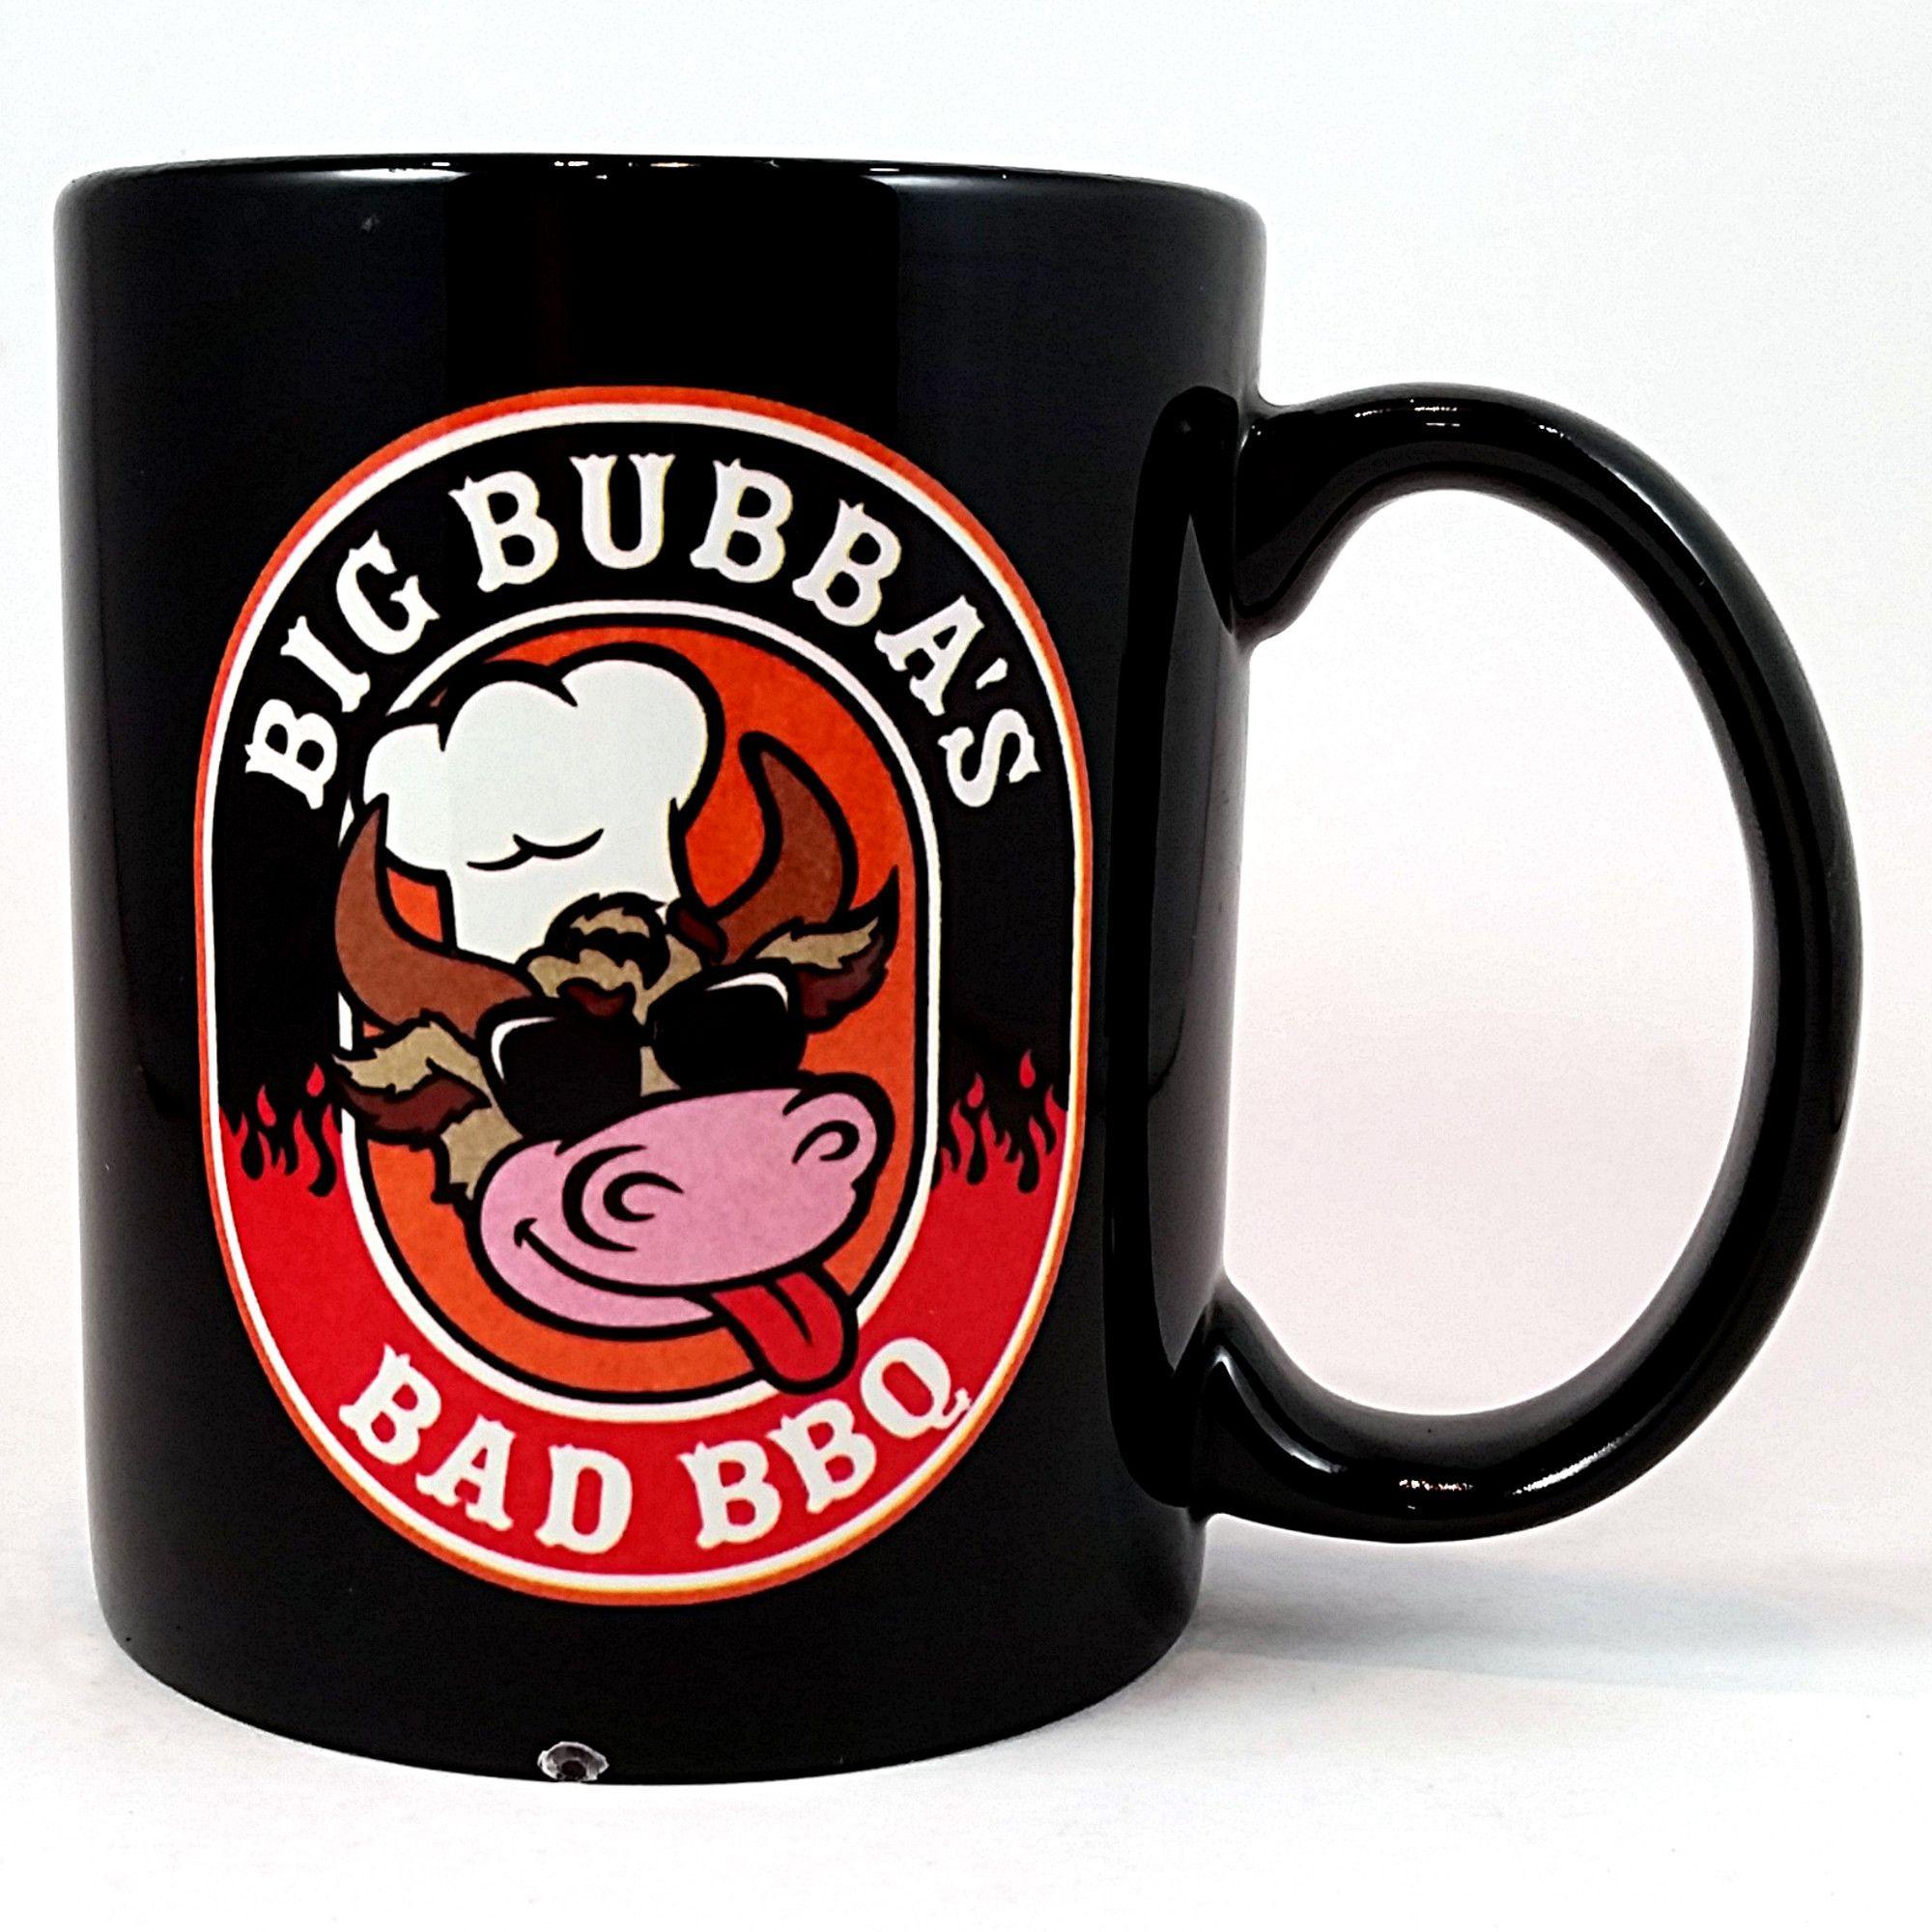 Big Bubba's Bad BBQ Coffee Mug Black Paso Robles